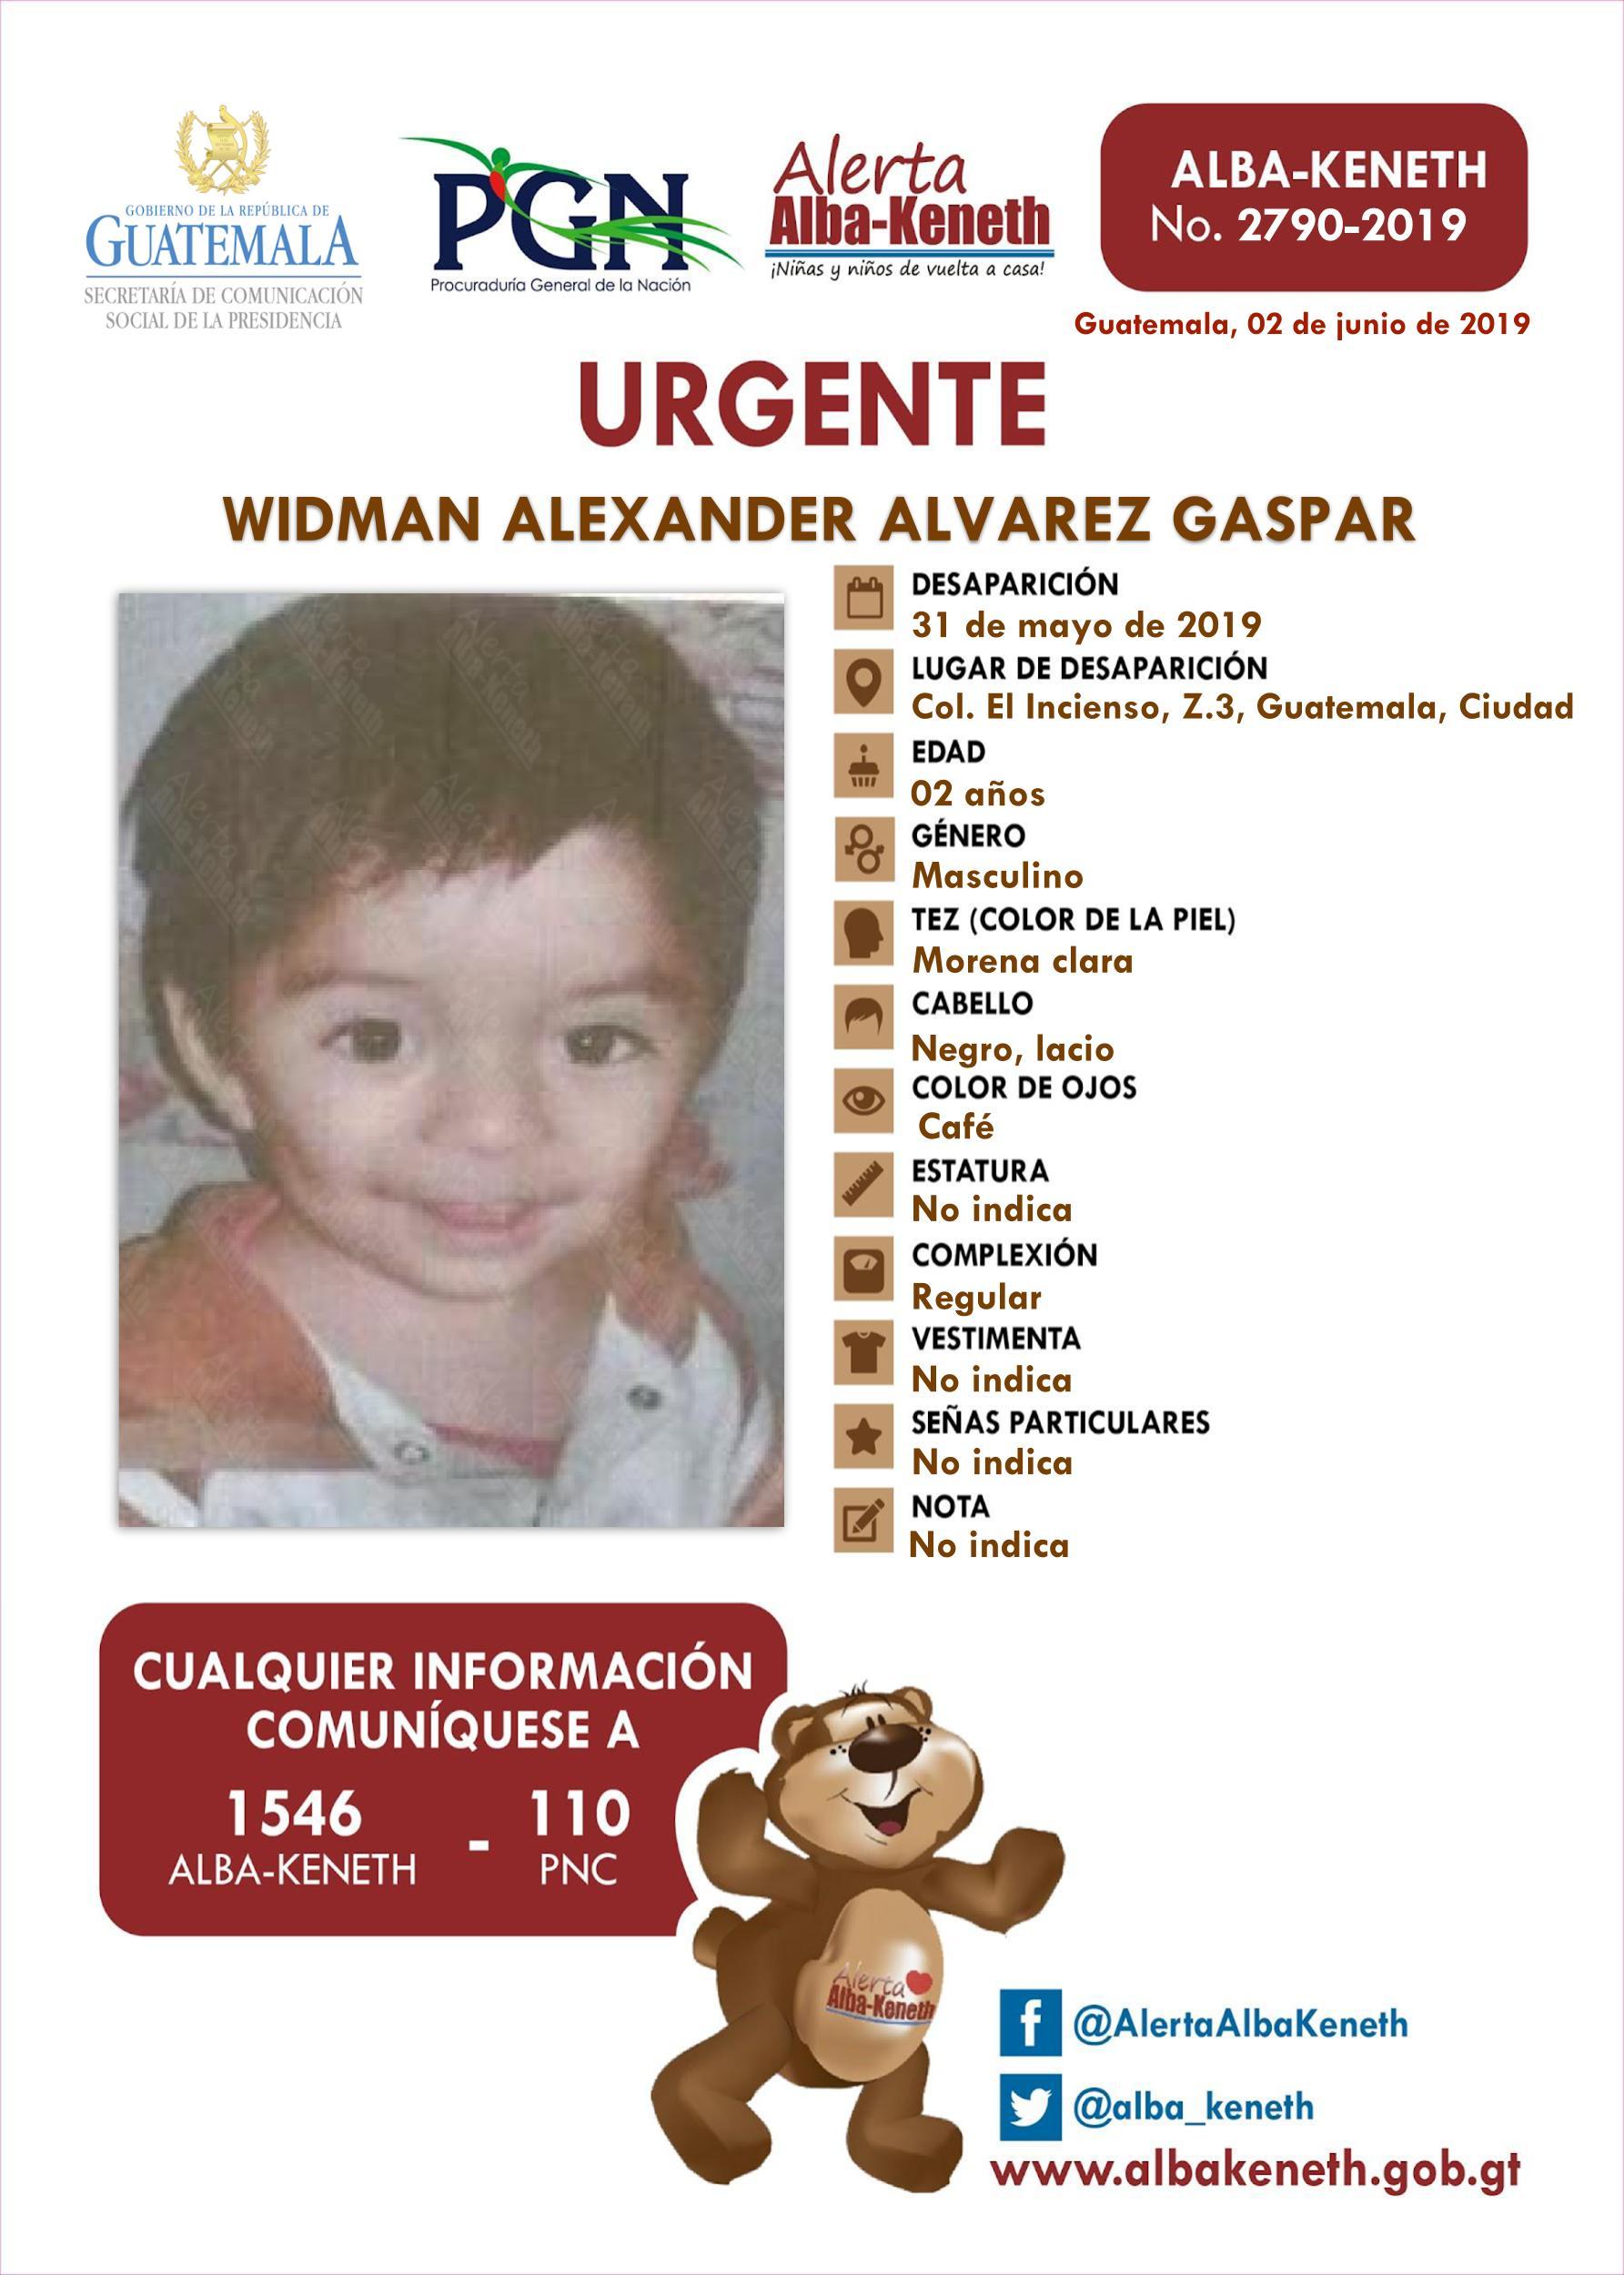 Widman Alexander Alvarez Gaspar